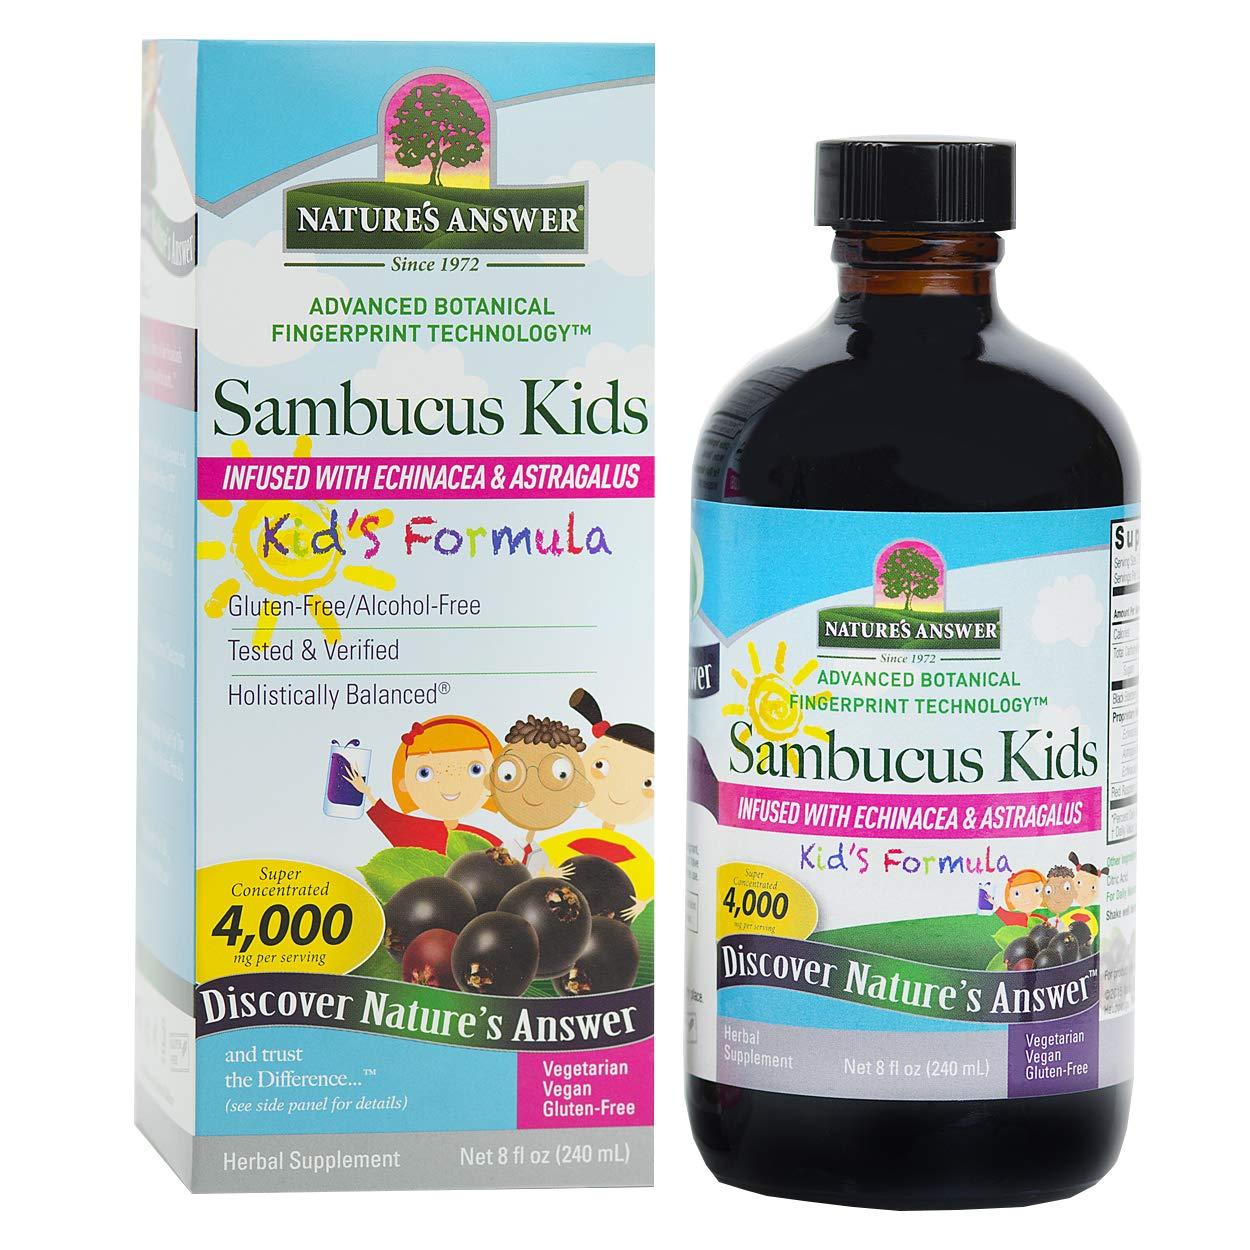 Natures Answer Sambucus Kid FRMULA 8OZ